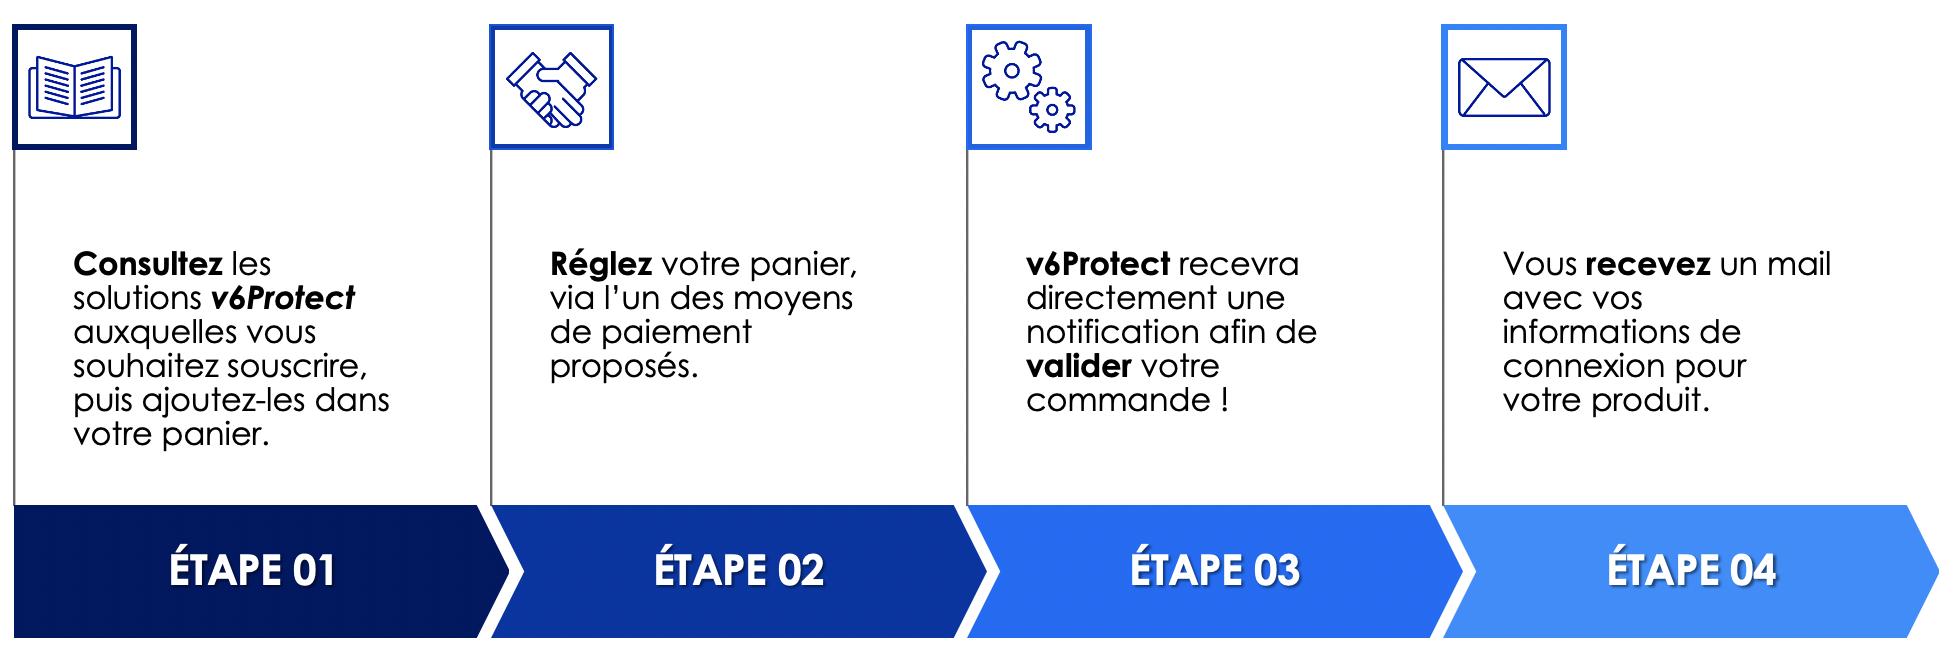 v6Protect-parcours-commande-client